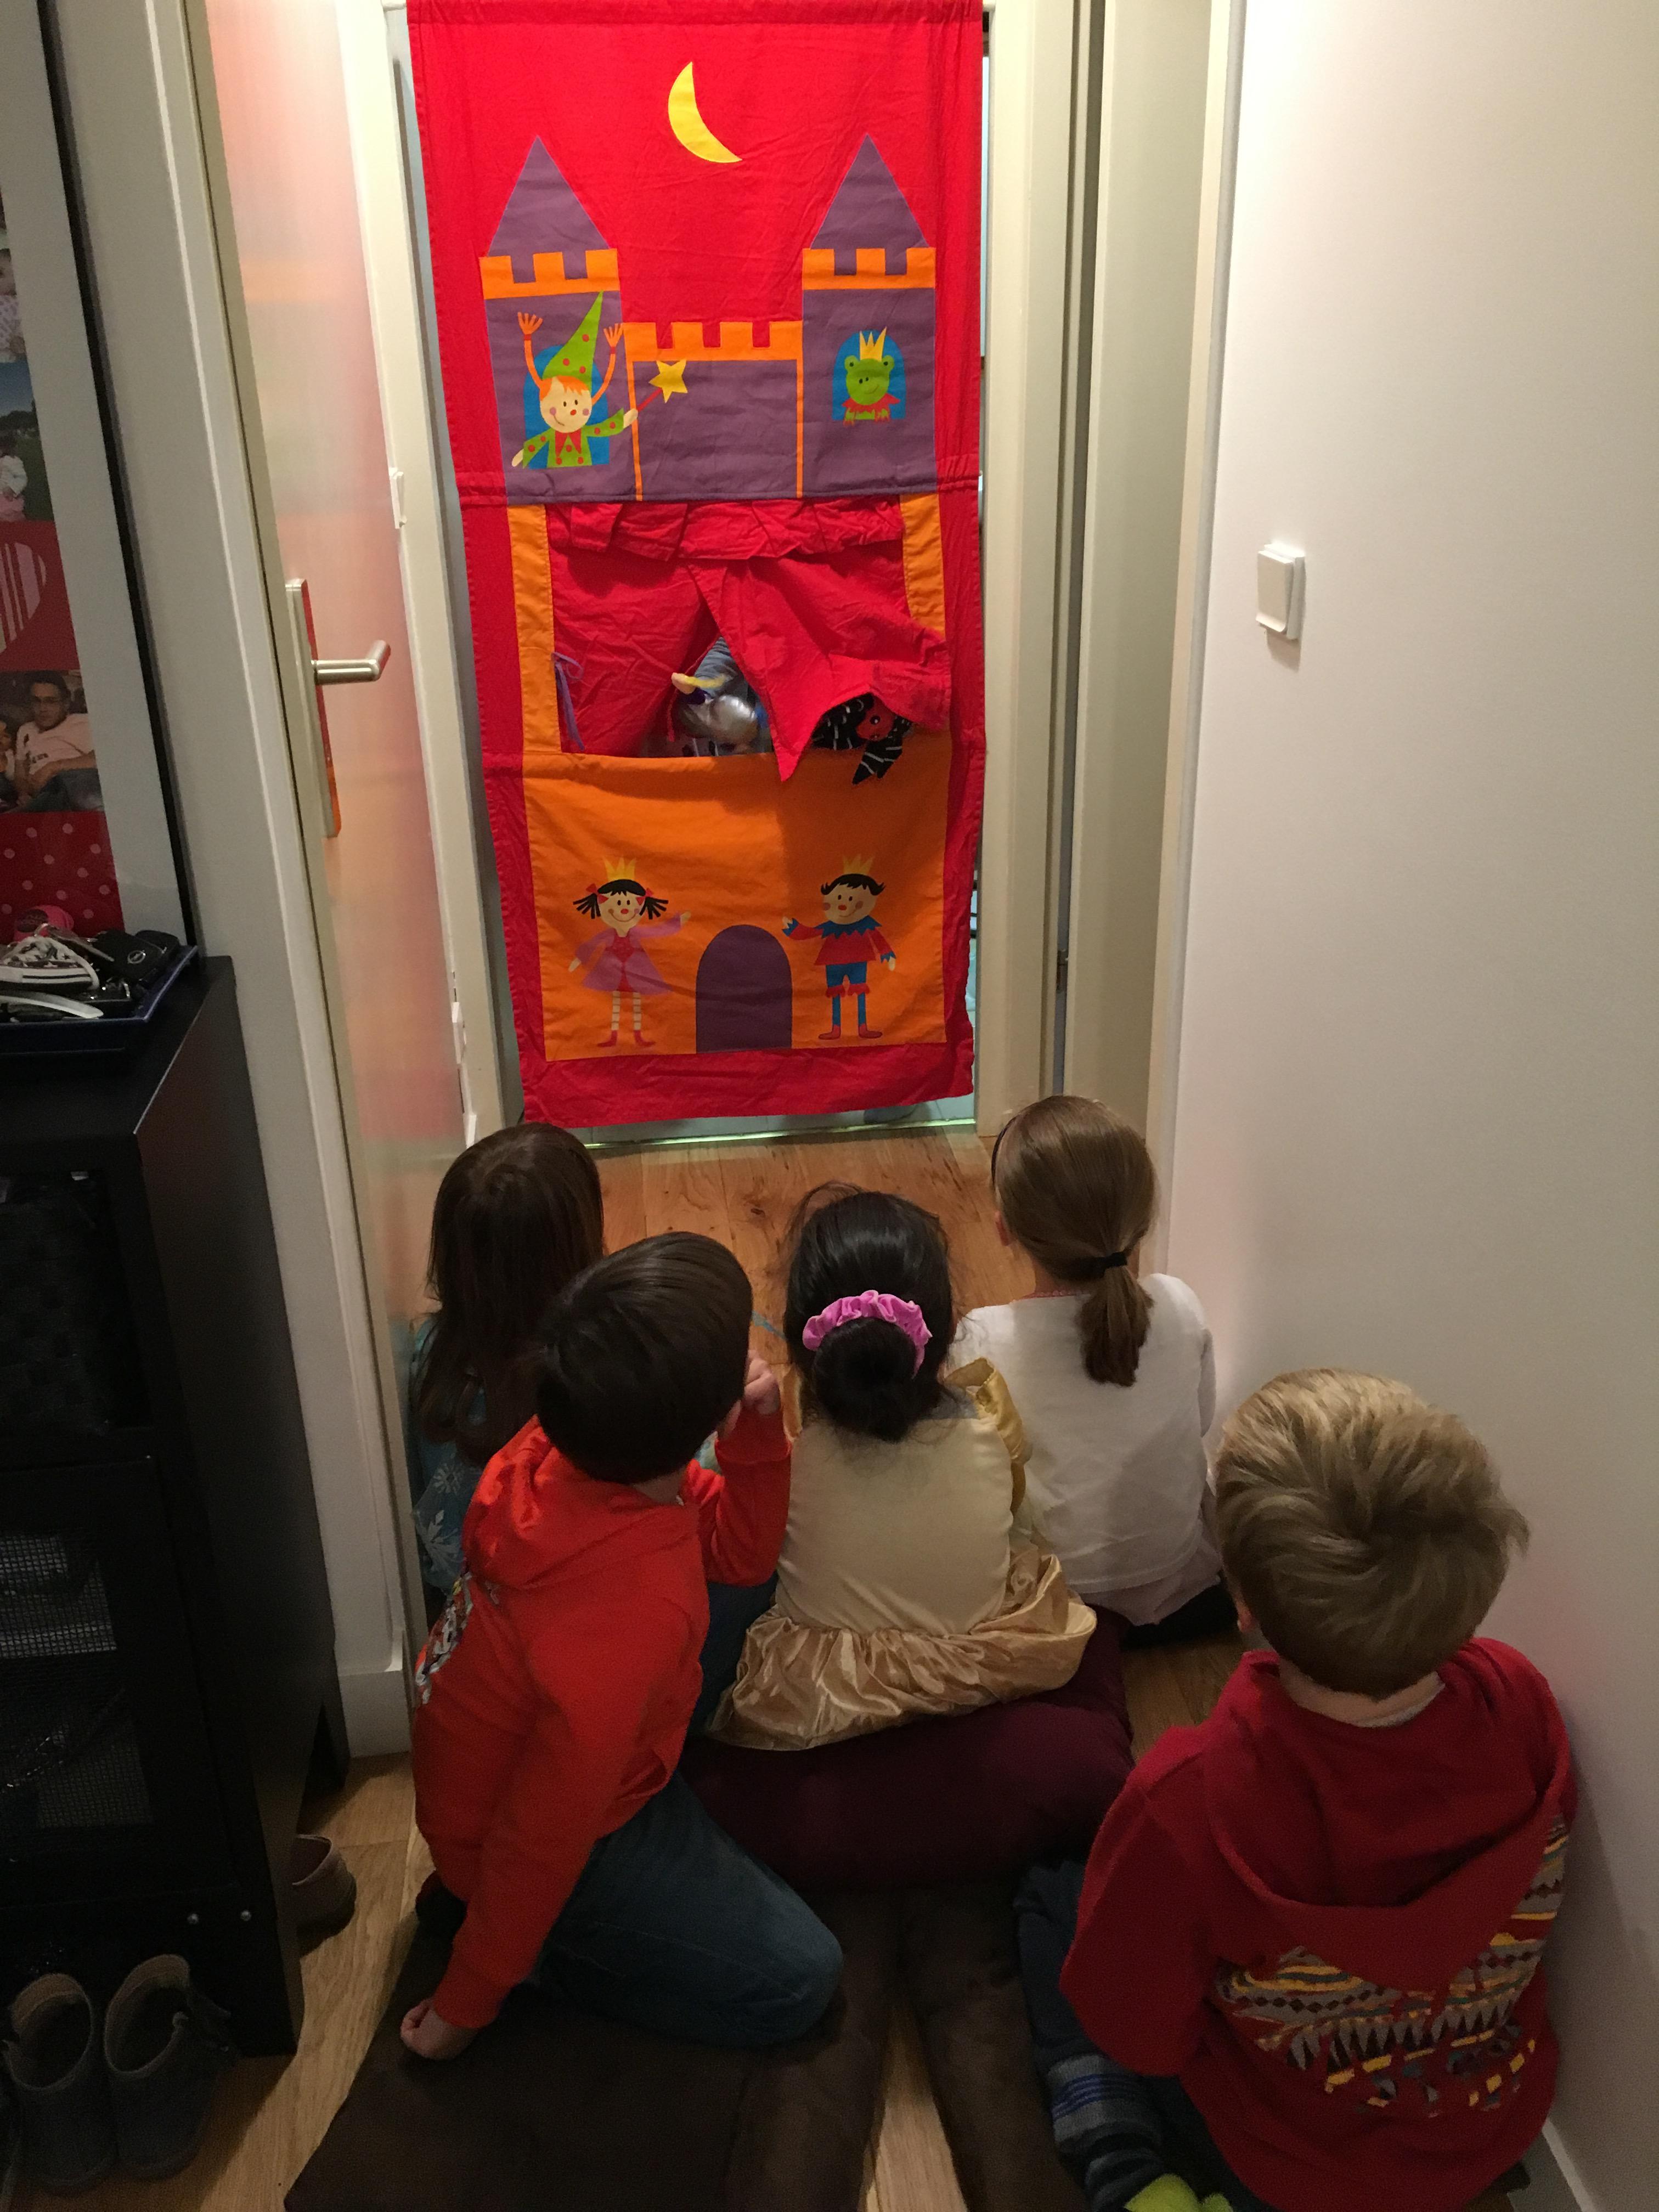 Le Théâtre En Tissu Est Installé Dans Lu0027encadrure De La Porte De La Salle De  Bain Et Chaque Enfant Su0027installe Confortablement Devant Dans Le Couloir Sur  Un ...